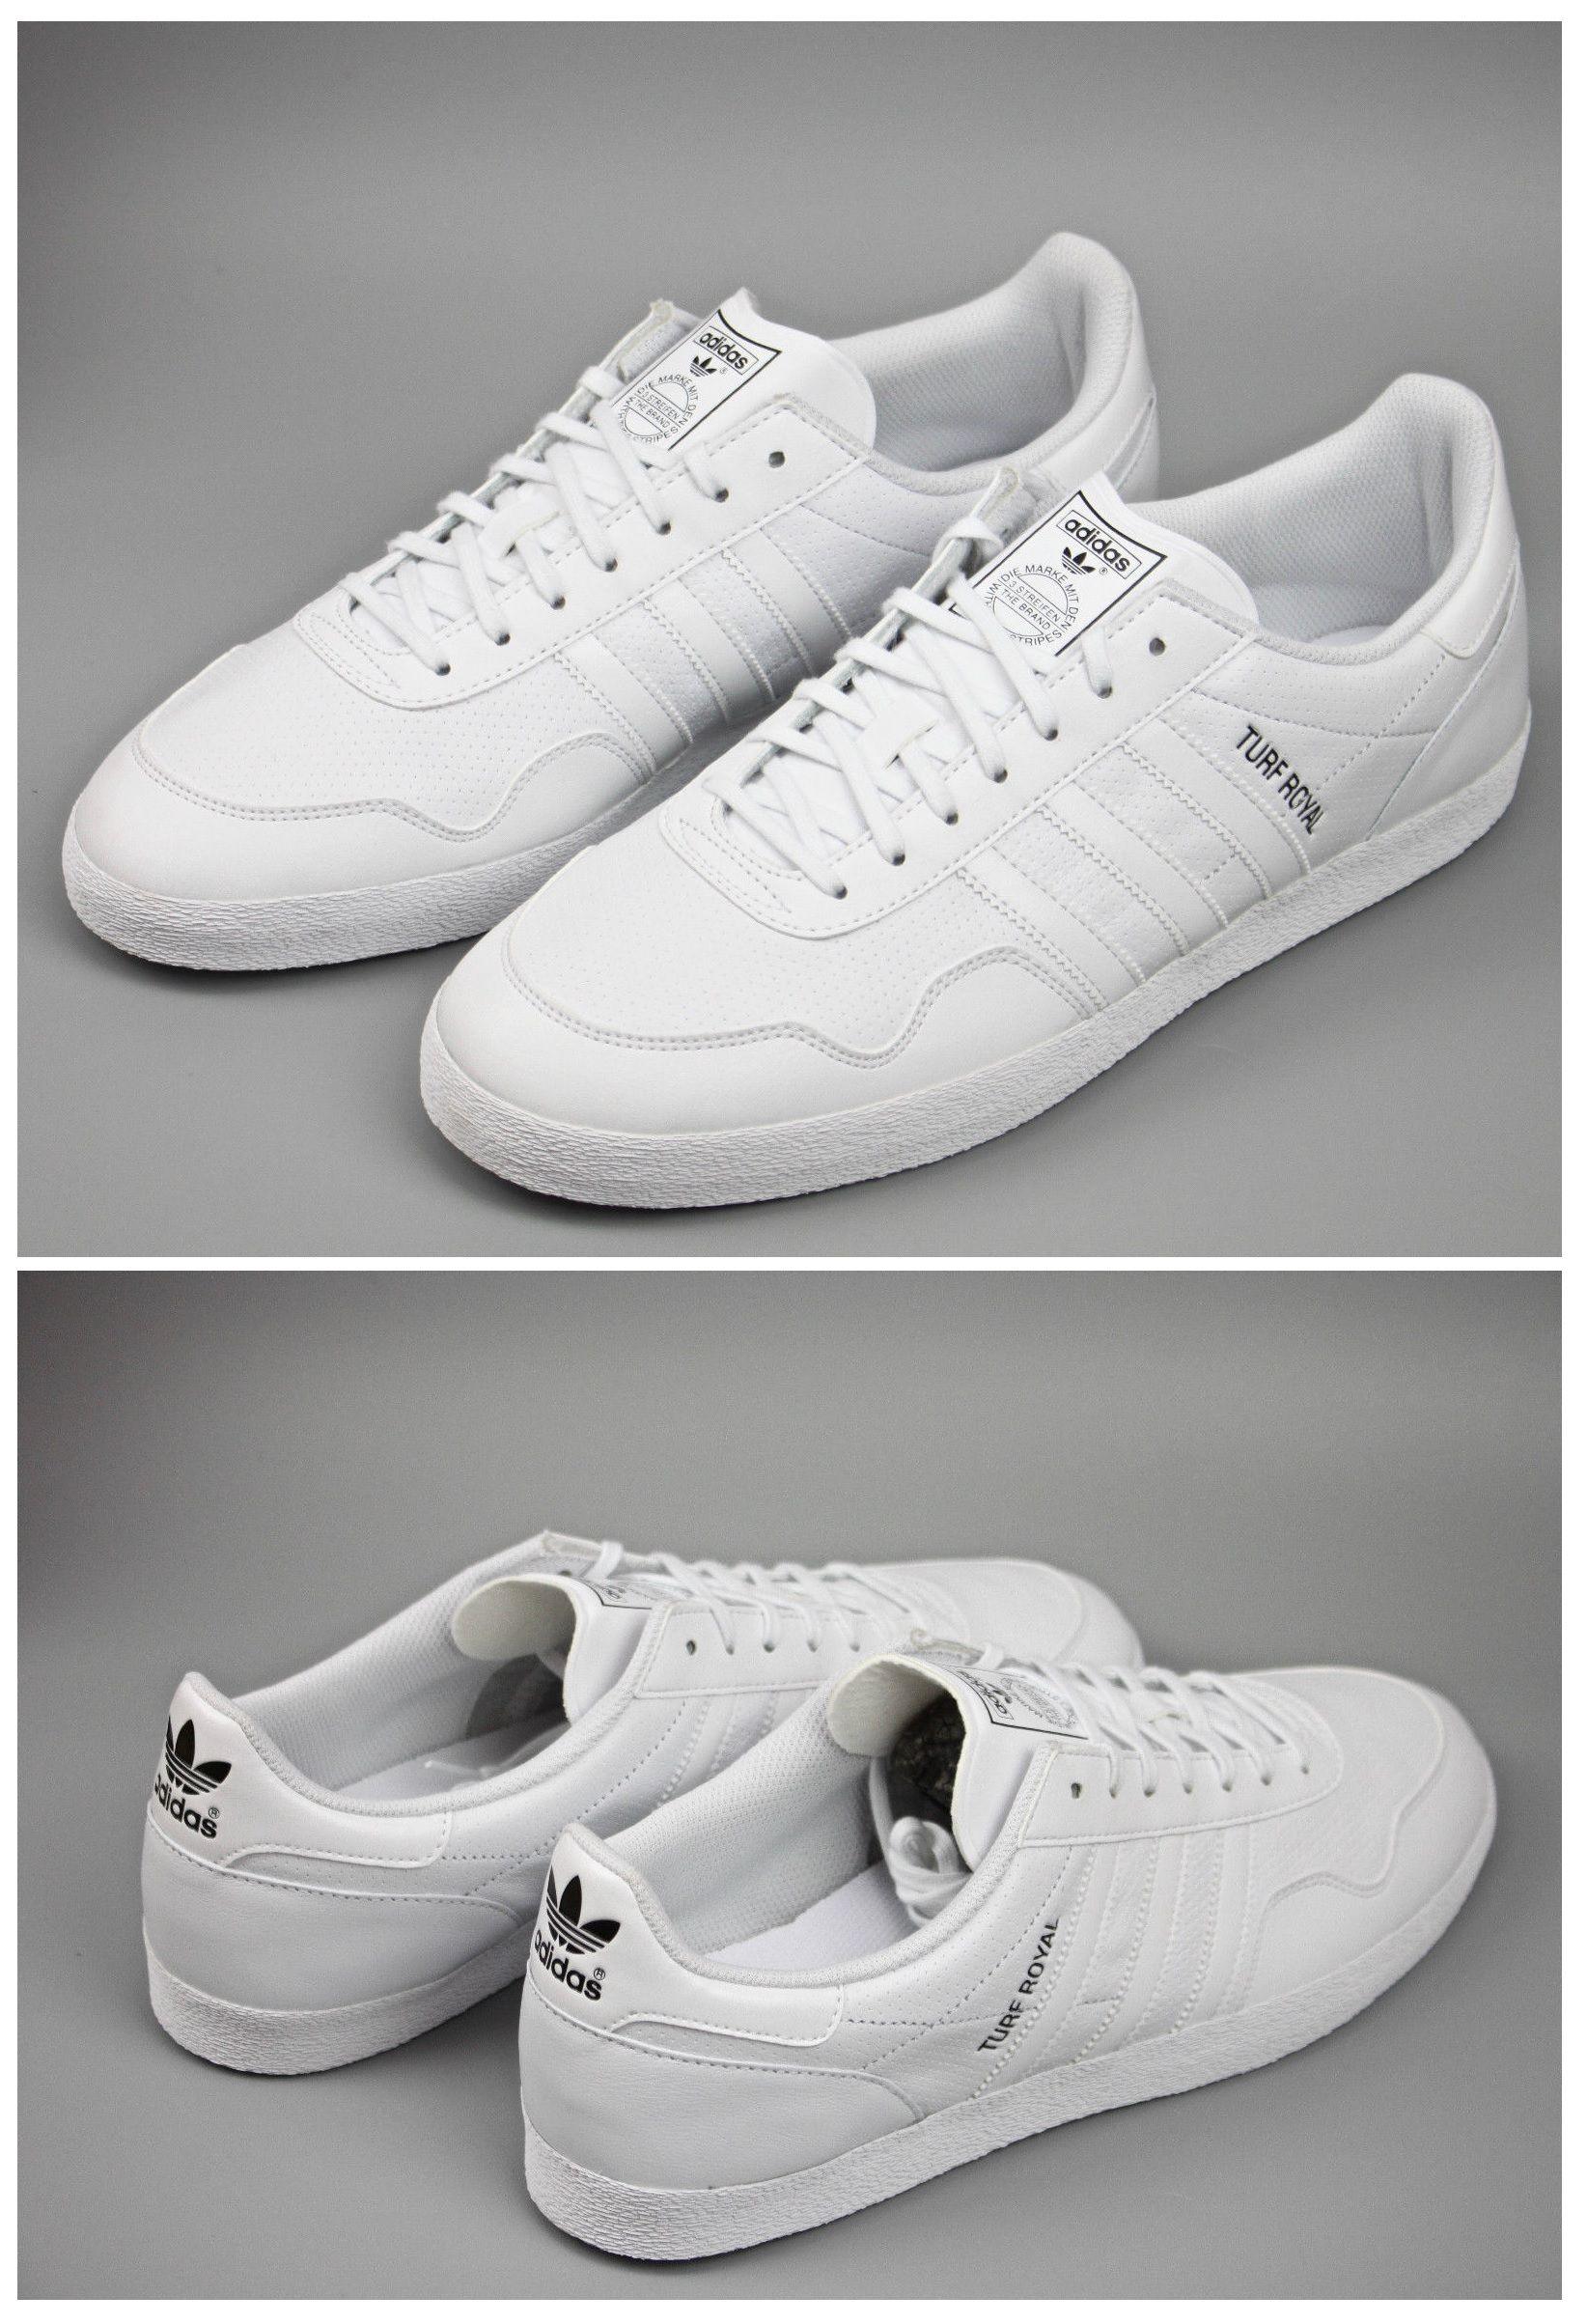 timeless design c051c a3bd8 adidas Originals Turf Royal  White